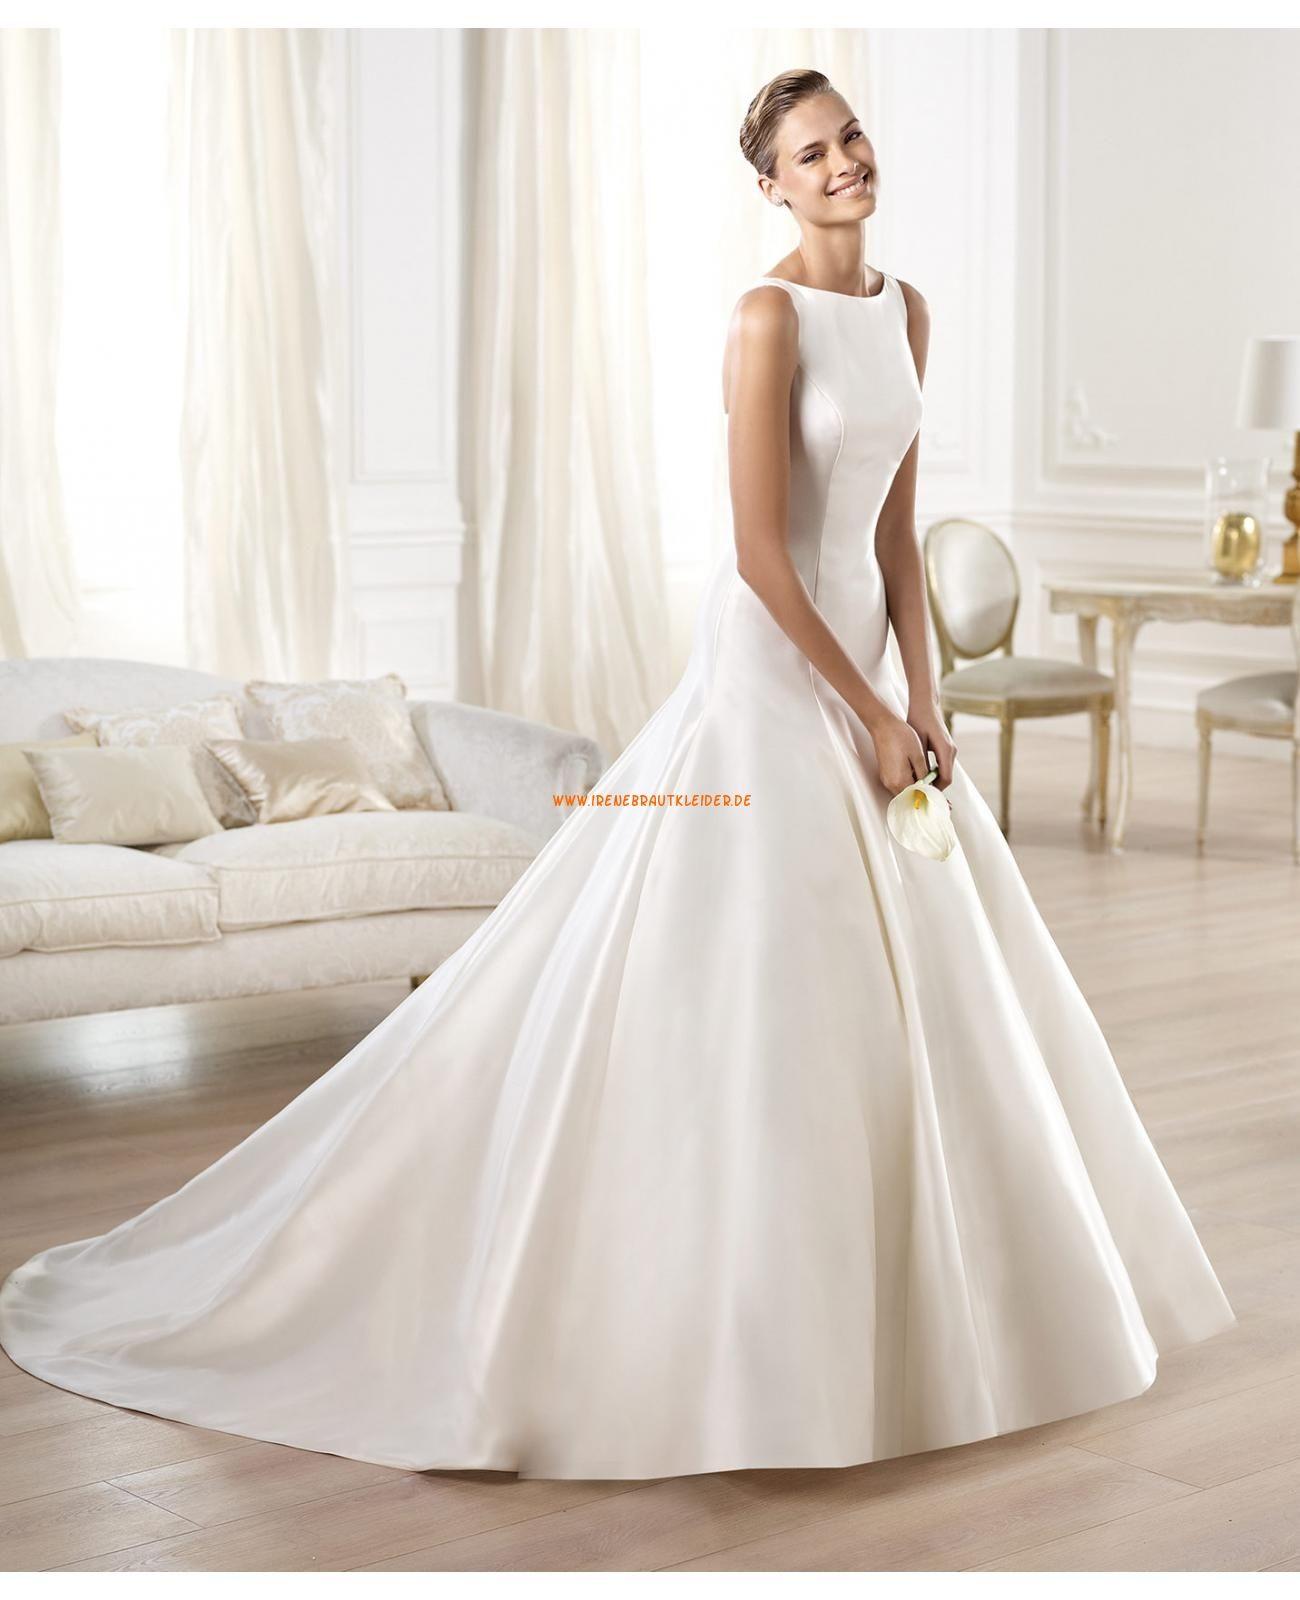 Außergewöhnliche Aparte Hochzeitskleider aus Taft | Hochzeit ...